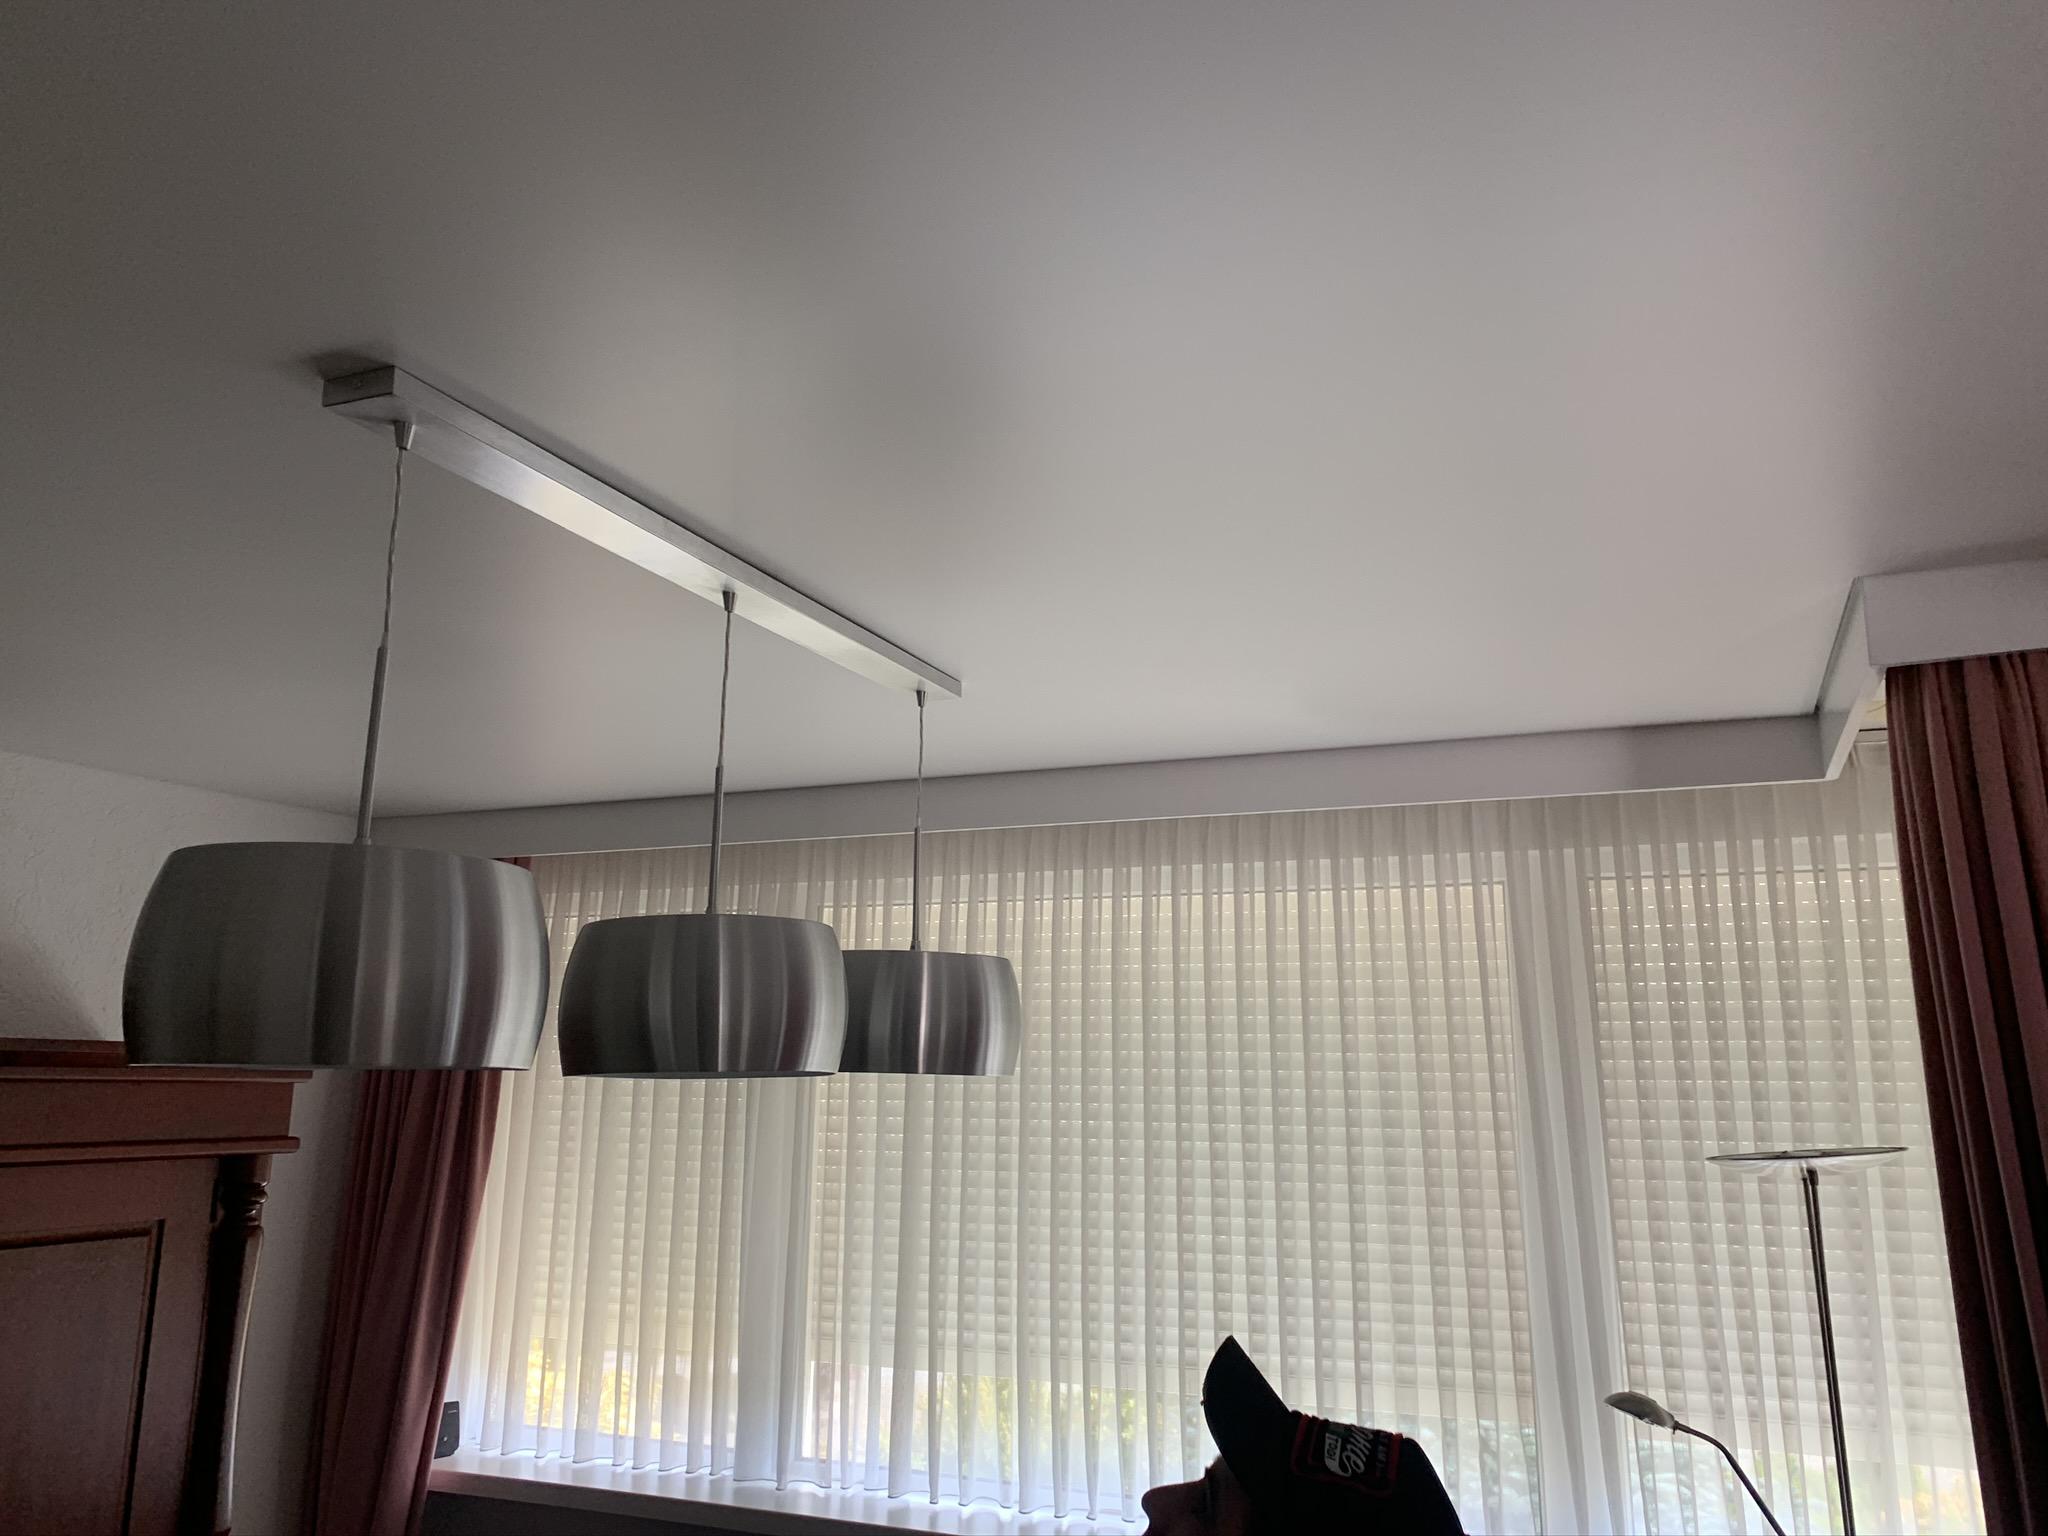 hang uw eigen lampen op aan onze spanplafond